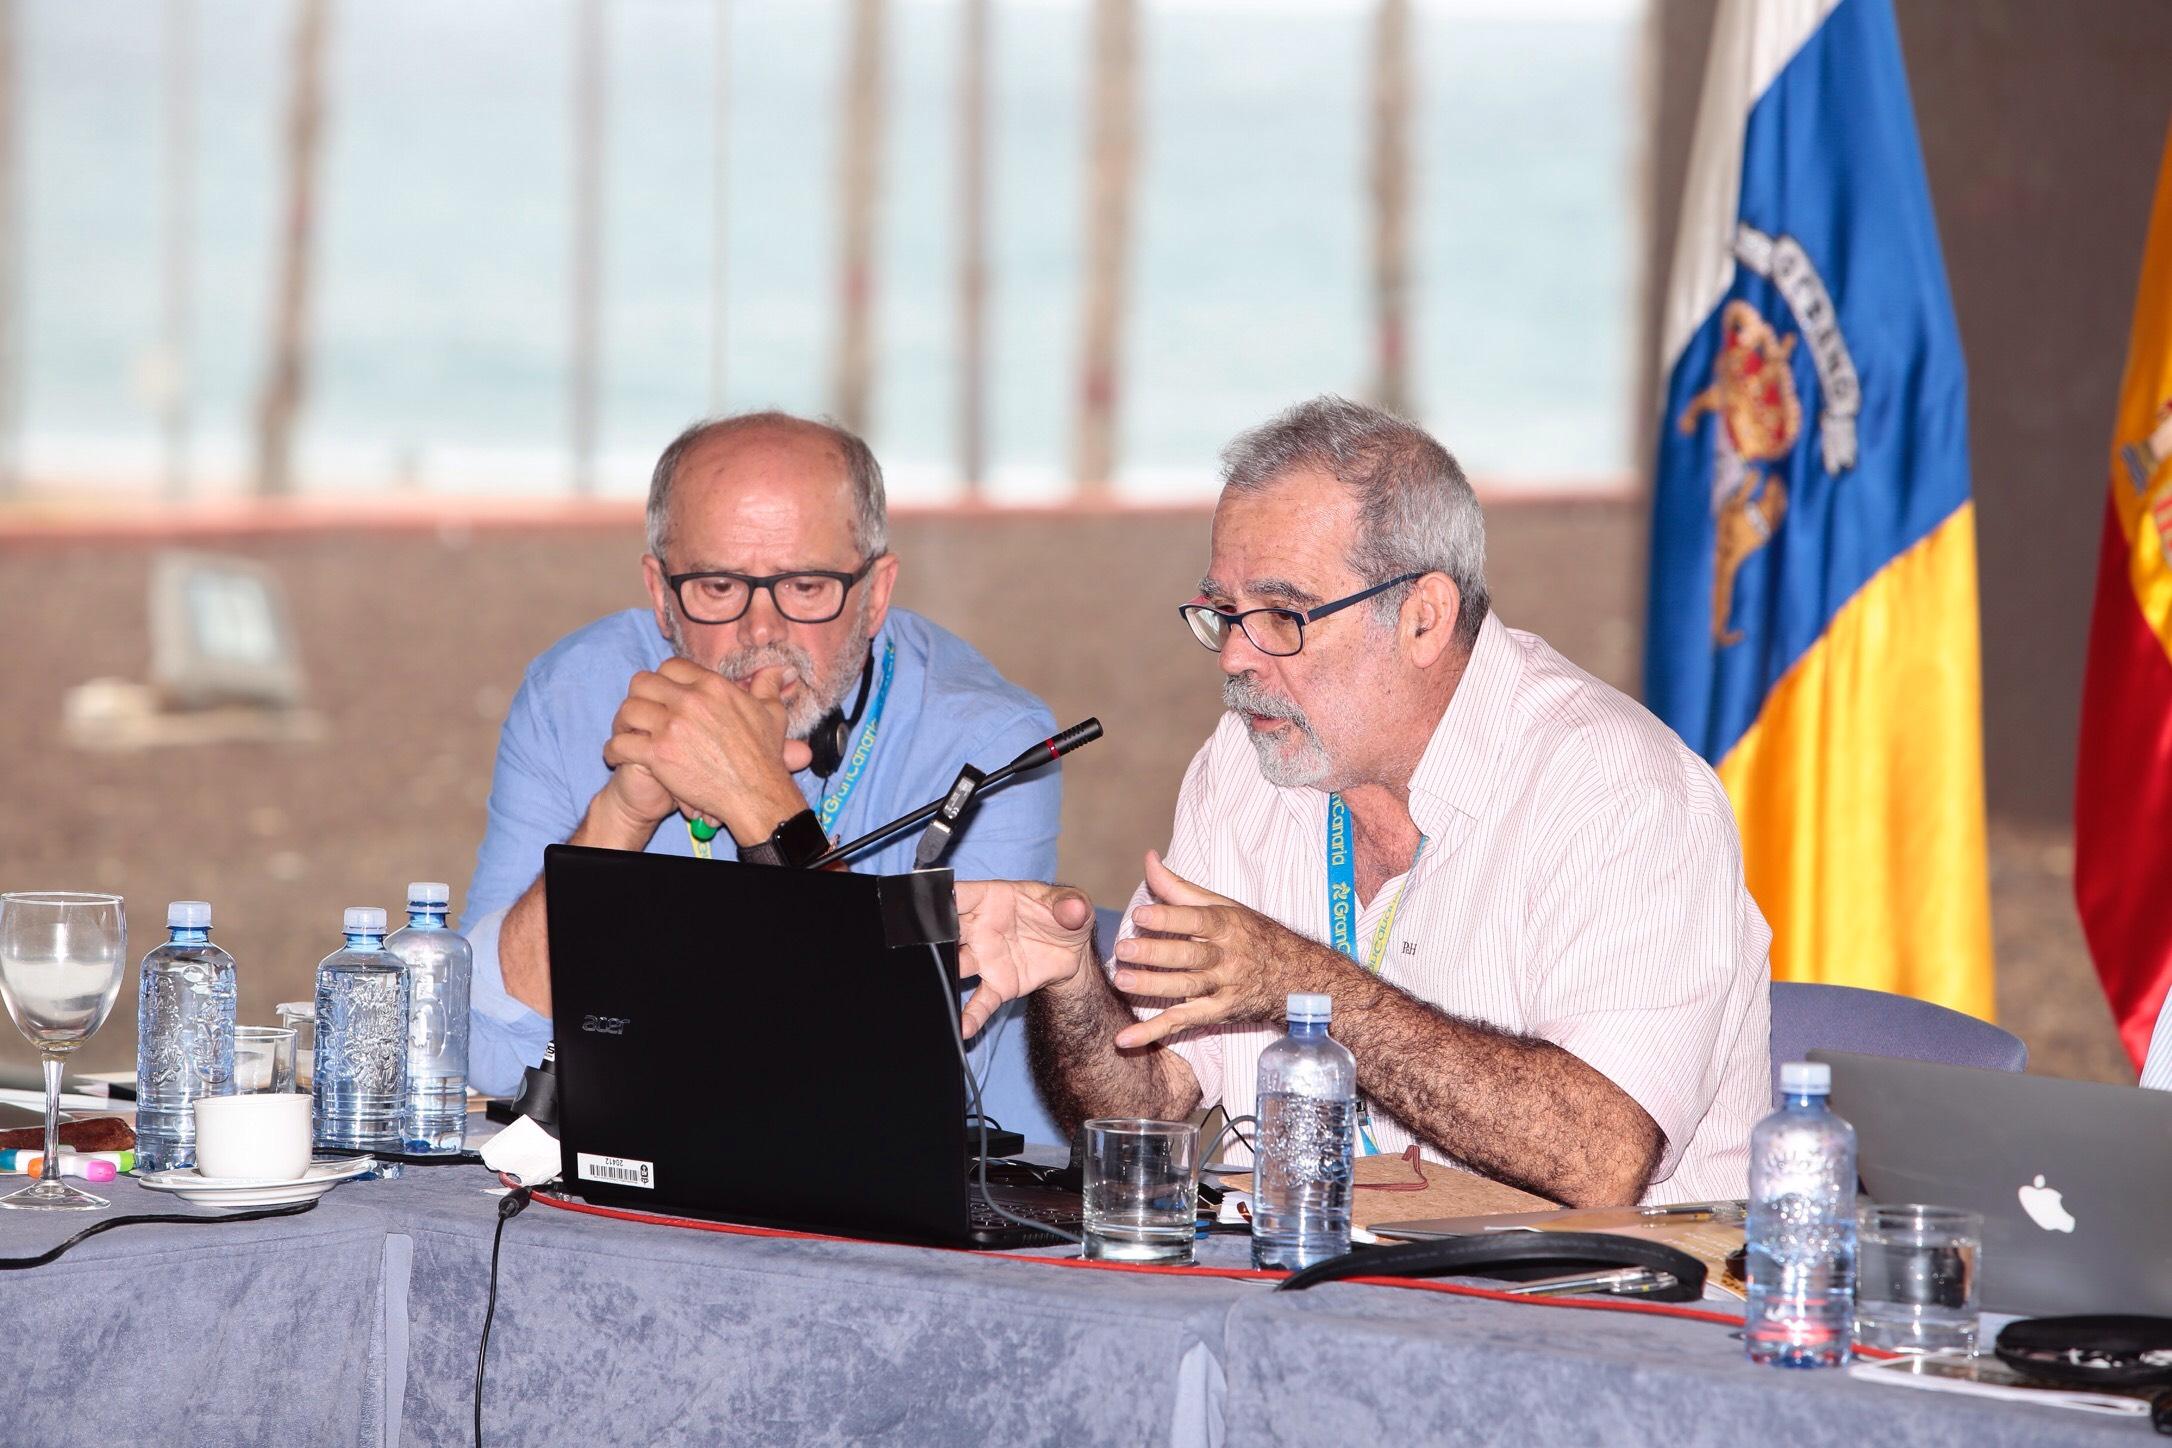 Los arqueólogos Julio Cuenca y José de León defienden la nominación de Risco Caído ante expertos de la Unesco